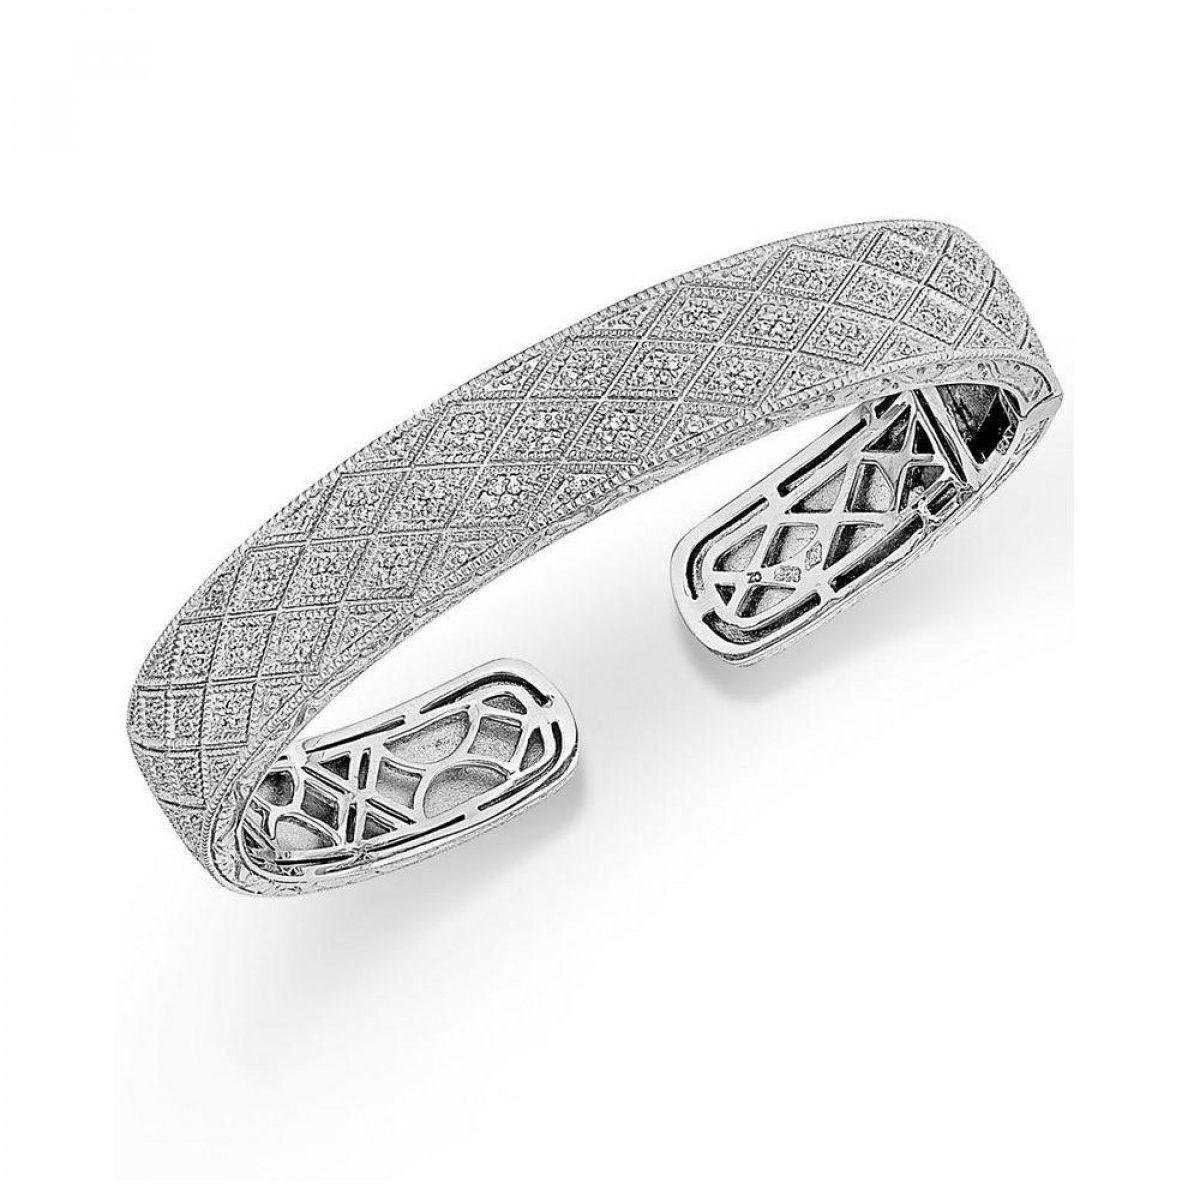 Ross simons black diamond ring ring pinterest weddings